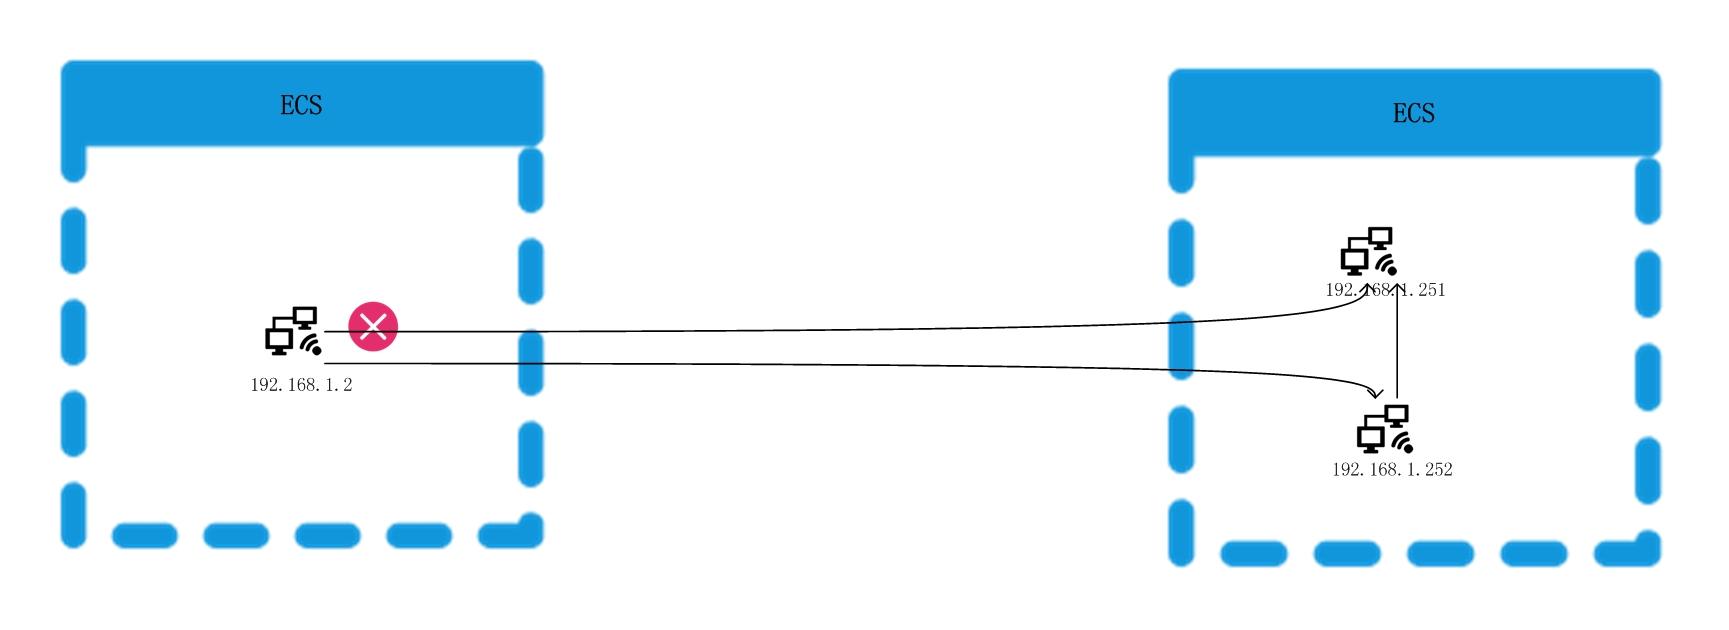 阿里云服务器ECS网络故障诊断